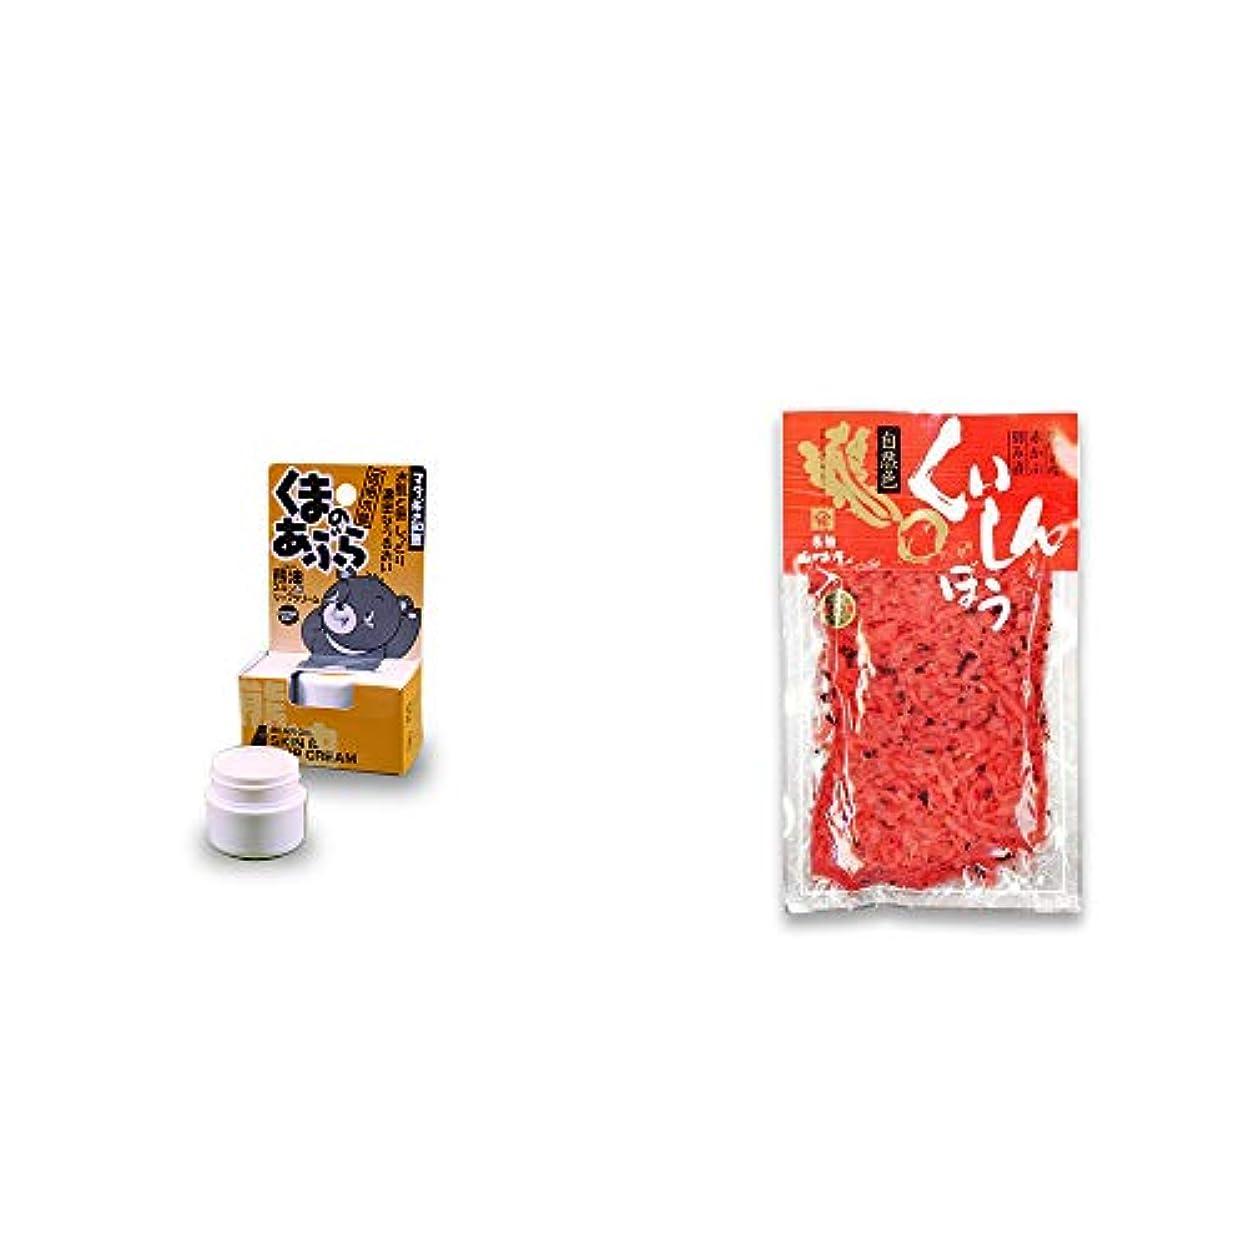 アウトドア遊びます不満[2点セット] 信州木曽 くまのあぶら 熊油スキン&リップクリーム(9g)?飛騨山味屋 くいしんぼう【大】(260g) [赤かぶ刻み漬け]